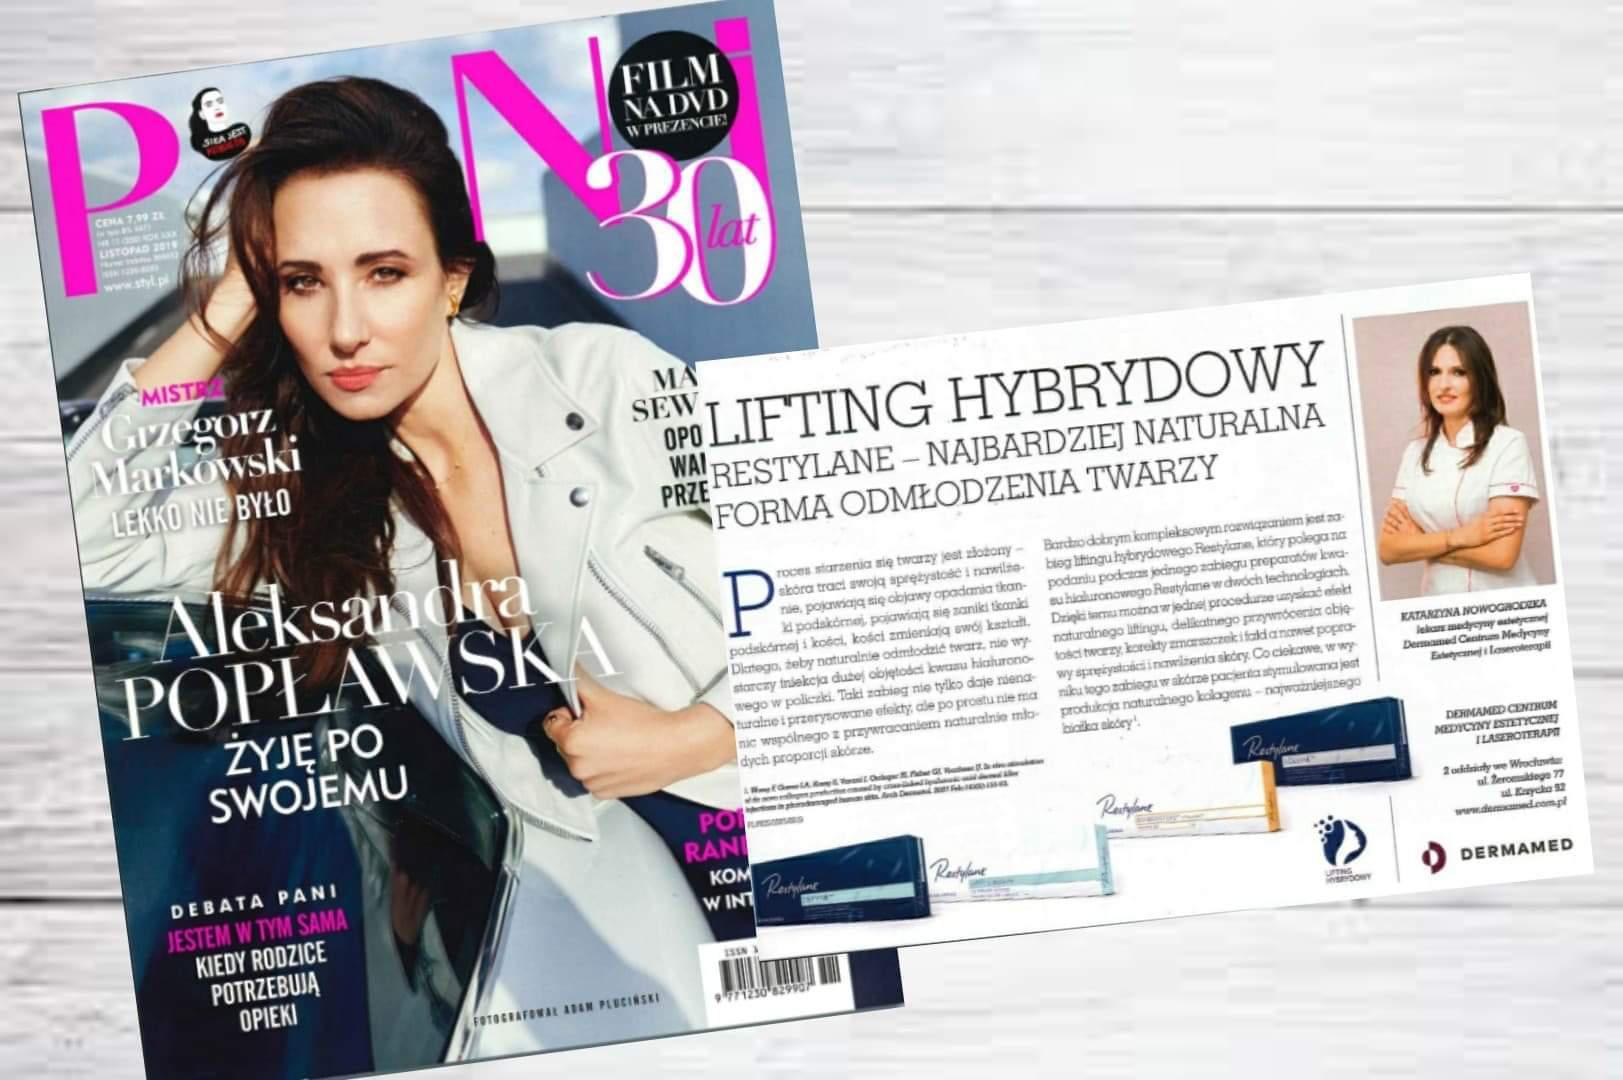 Wywiad z dr Katarzyną Nowogordzką ekspertem Dermamed w Pani!